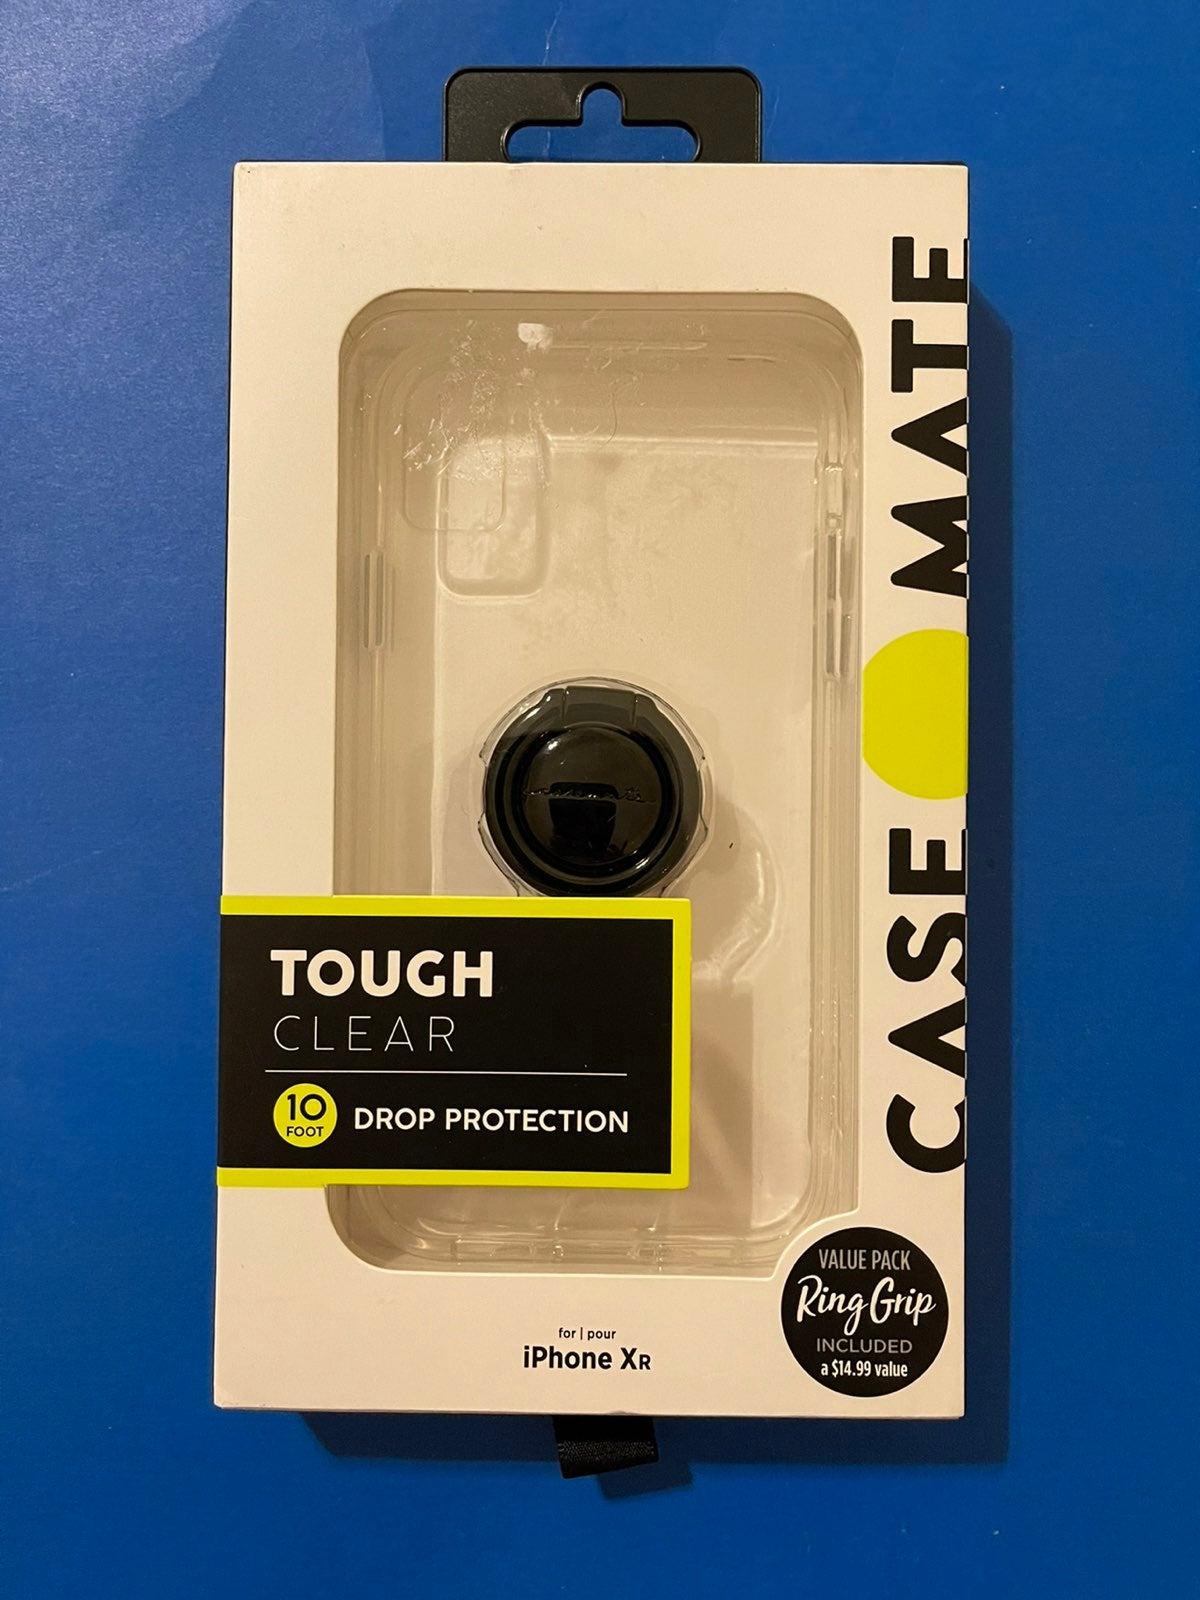 iPhone XR - CaseMate Tough Clear Case